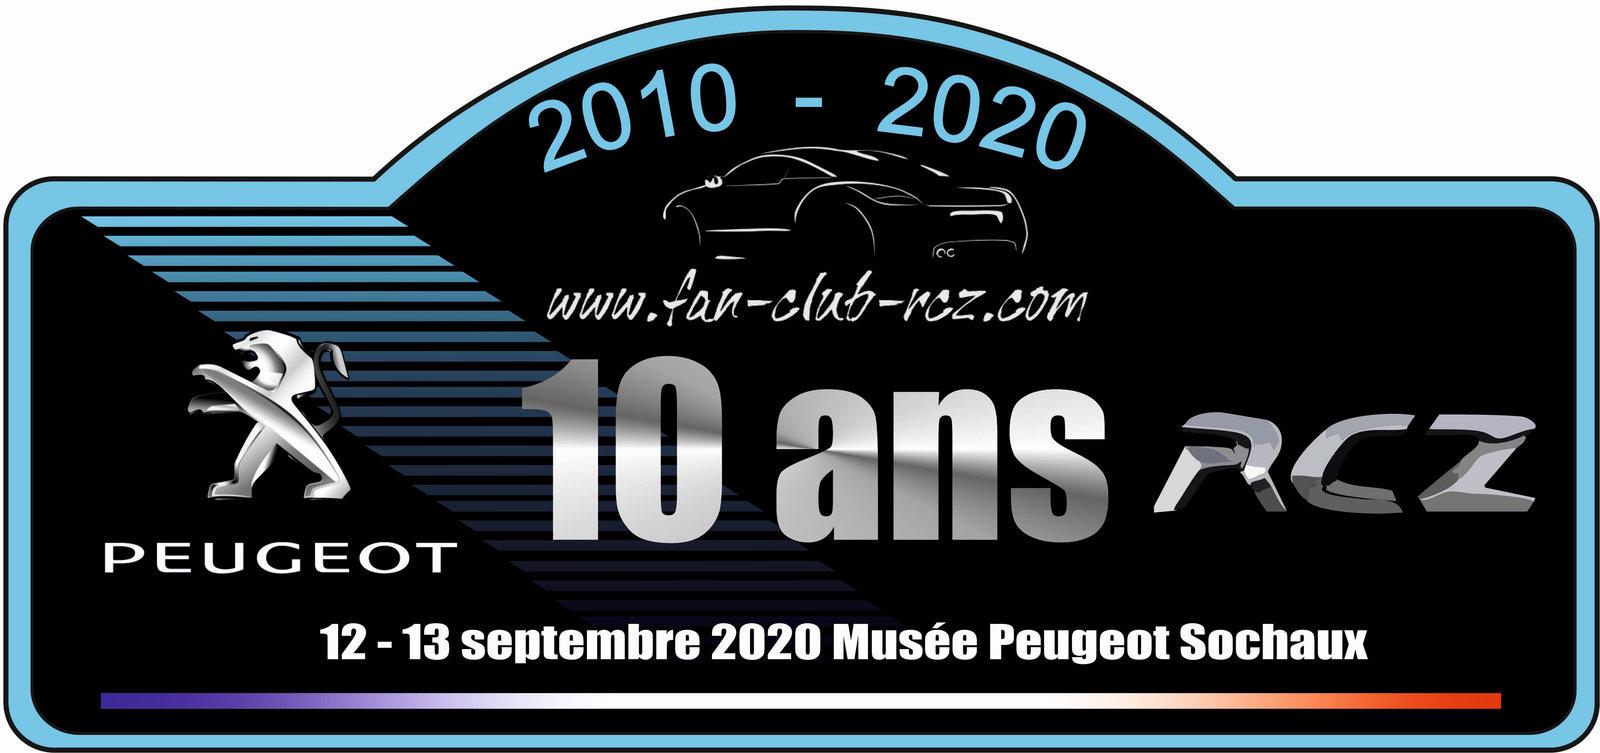 Sondage plaque 10 ans RCZ (CLOS) - Page 3 200210033505685801